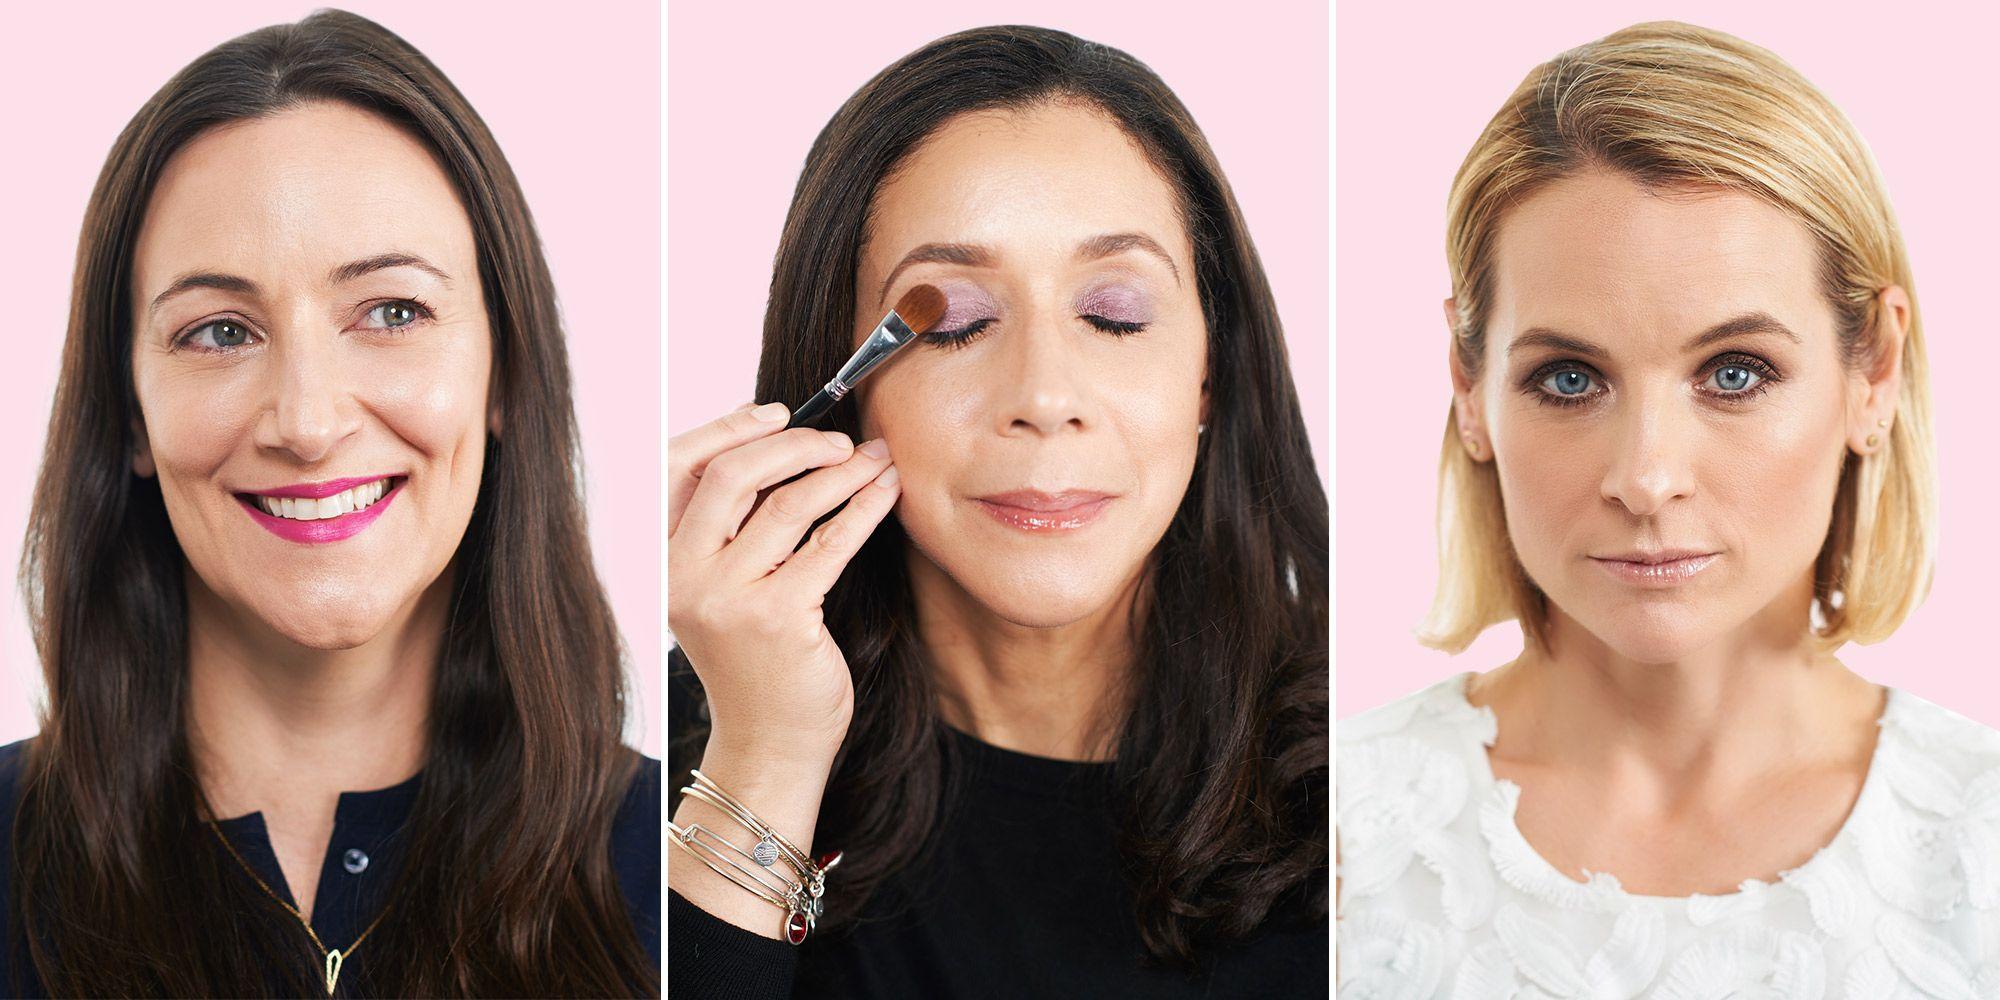 Makeup Trends Women Over 40 Shouldn T